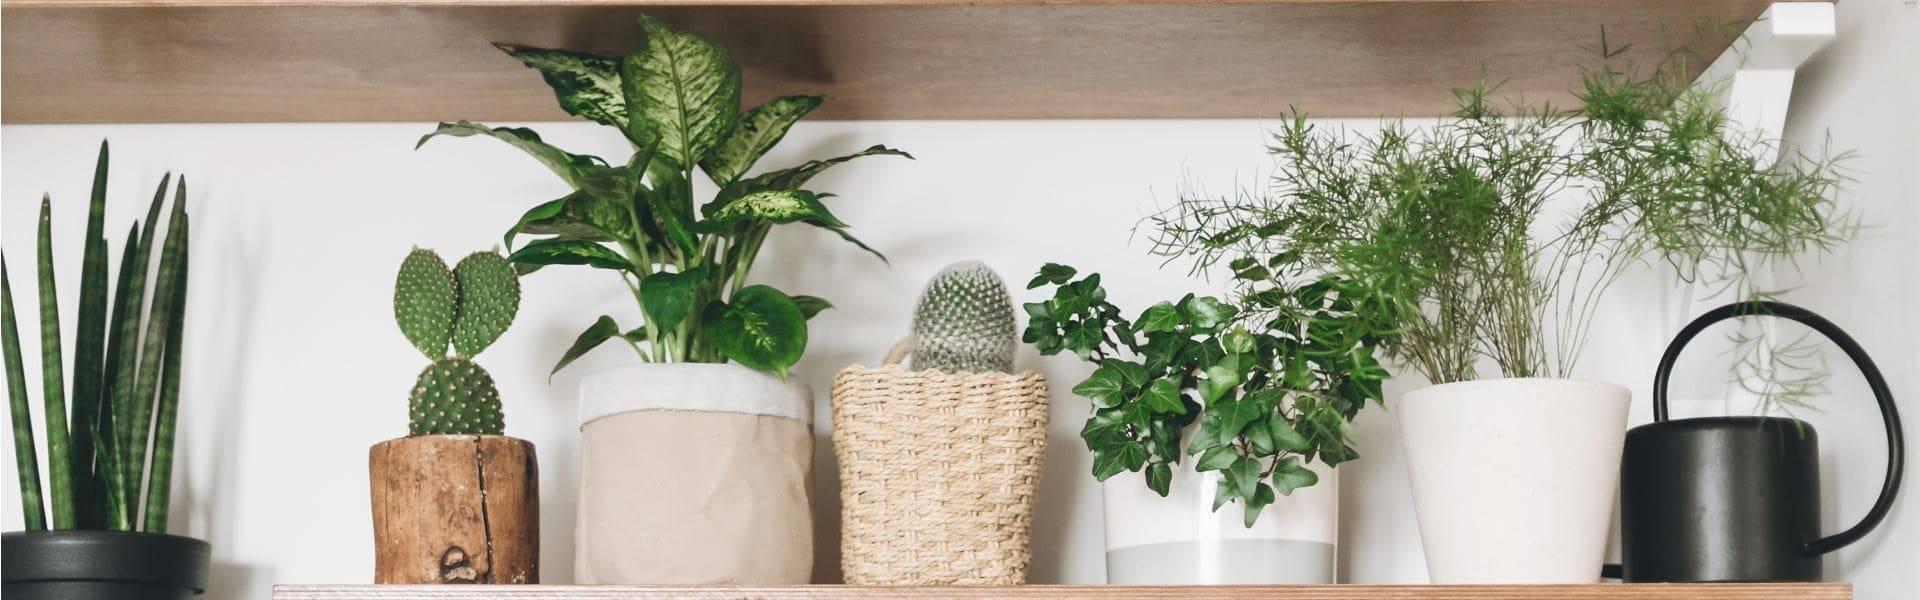 Цветы в доме: приметы и суеверия о комнатных растениях